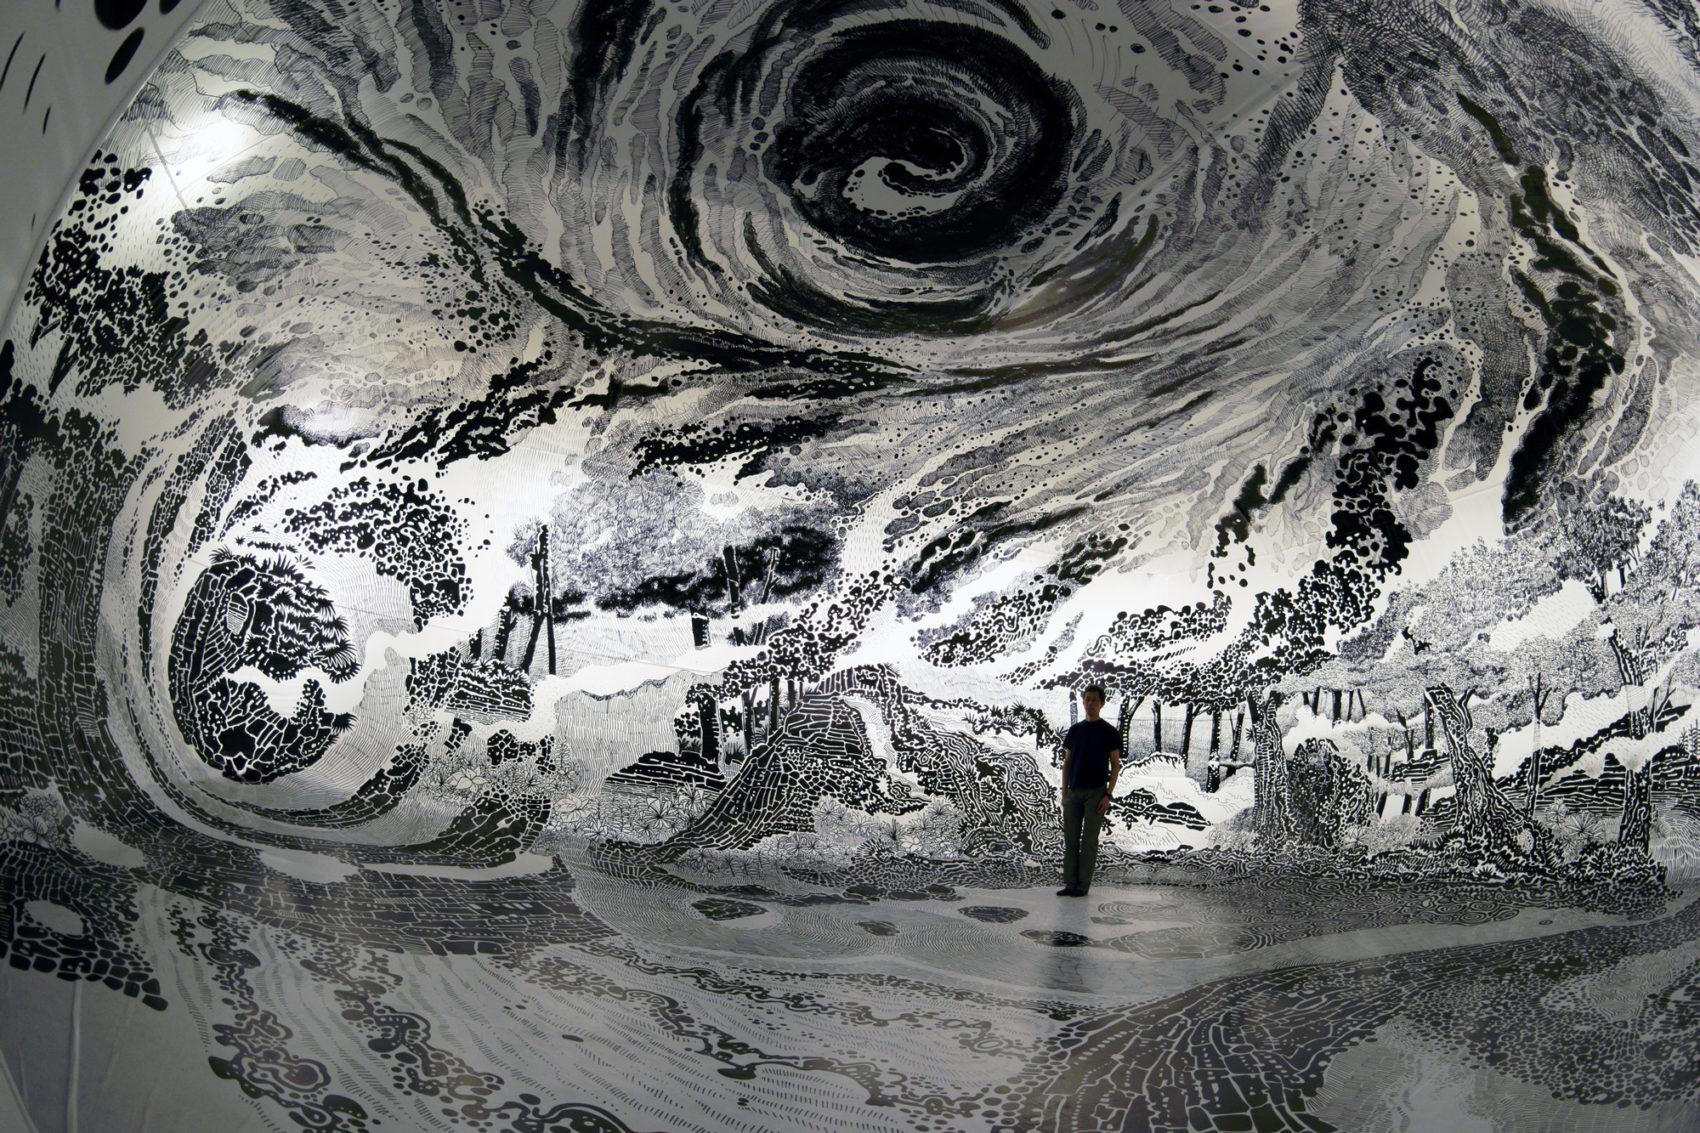 360 Degree Immersive Drawing by Oscar Oiwa New 360 Degree Immersive Drawing Created With 120 Marker Pens by Oscar Oiwa